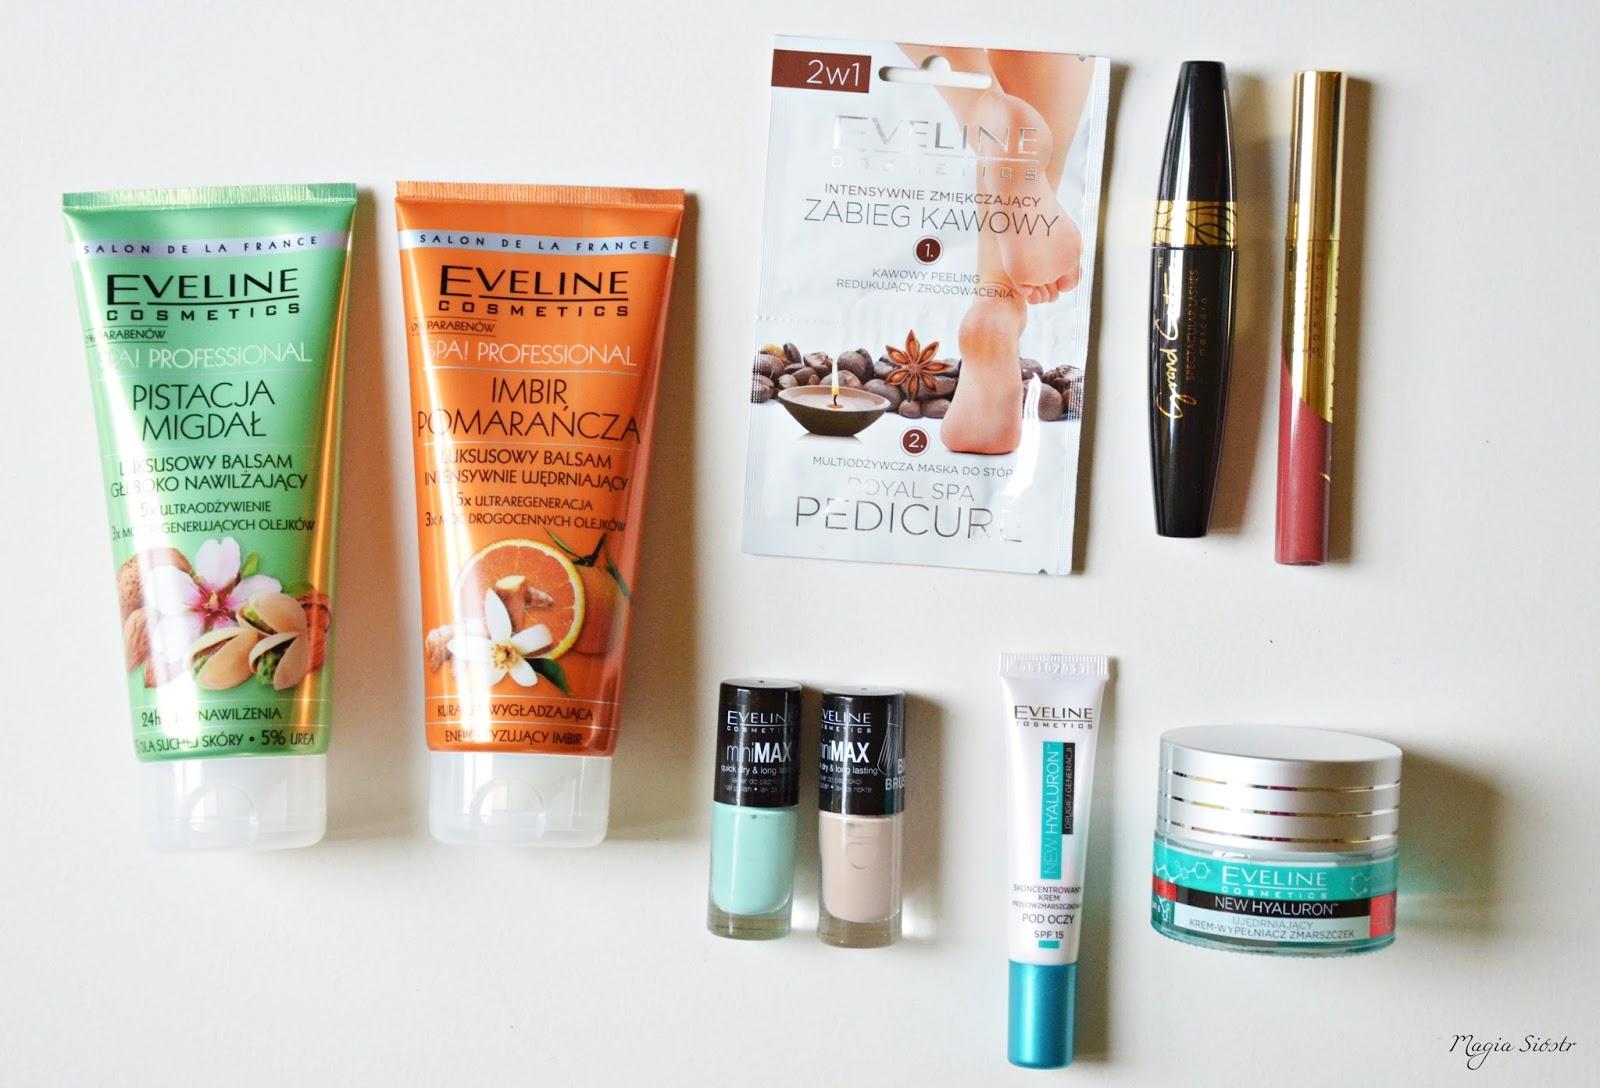 kosmetyki eveline, nowość, pielęgnacja ciała, tania maskara, tani krem do twarzy, tanie kosmetyki